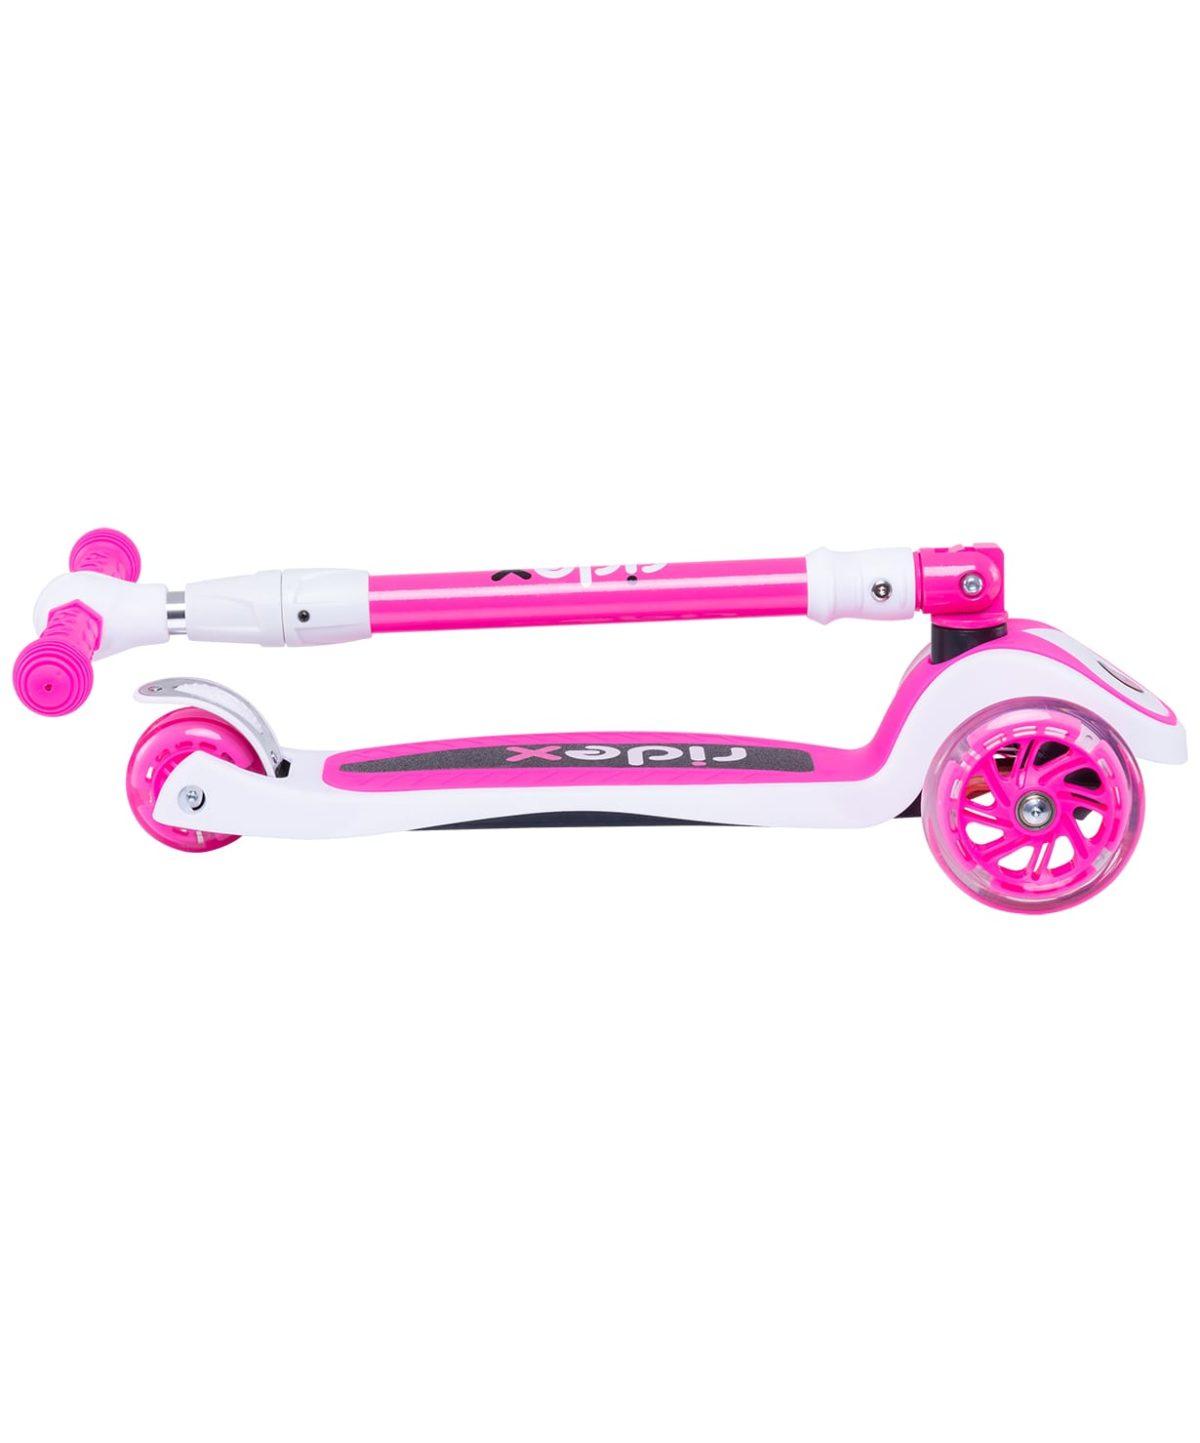 RIDEX 3D Tiny Tot Самокат 3-колесный Tiny Tot 120/80 мм  Tiny Tot: розовый - 6